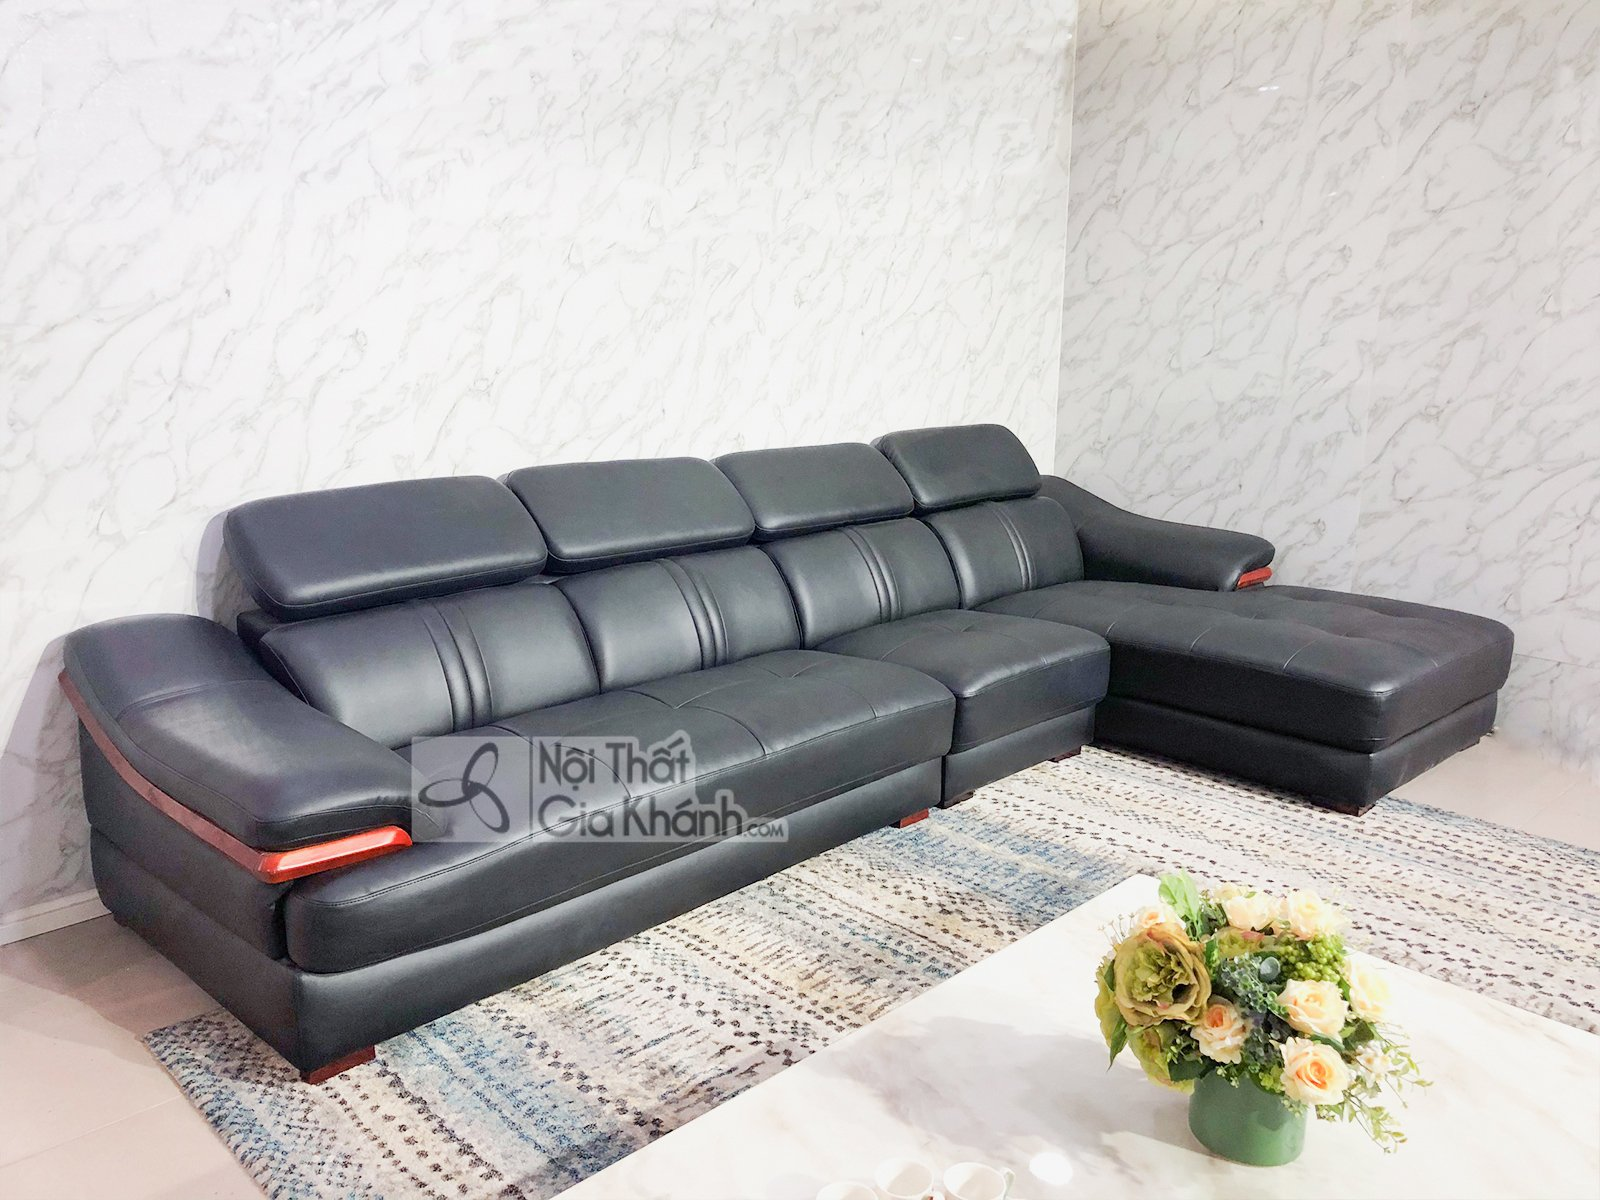 sofa da 3 bang goc trai phong khach 6725d sf 1 - SOFA DA 3 BĂNG GÓC TRÁI PHÒNG KHÁCH 6723D-SF